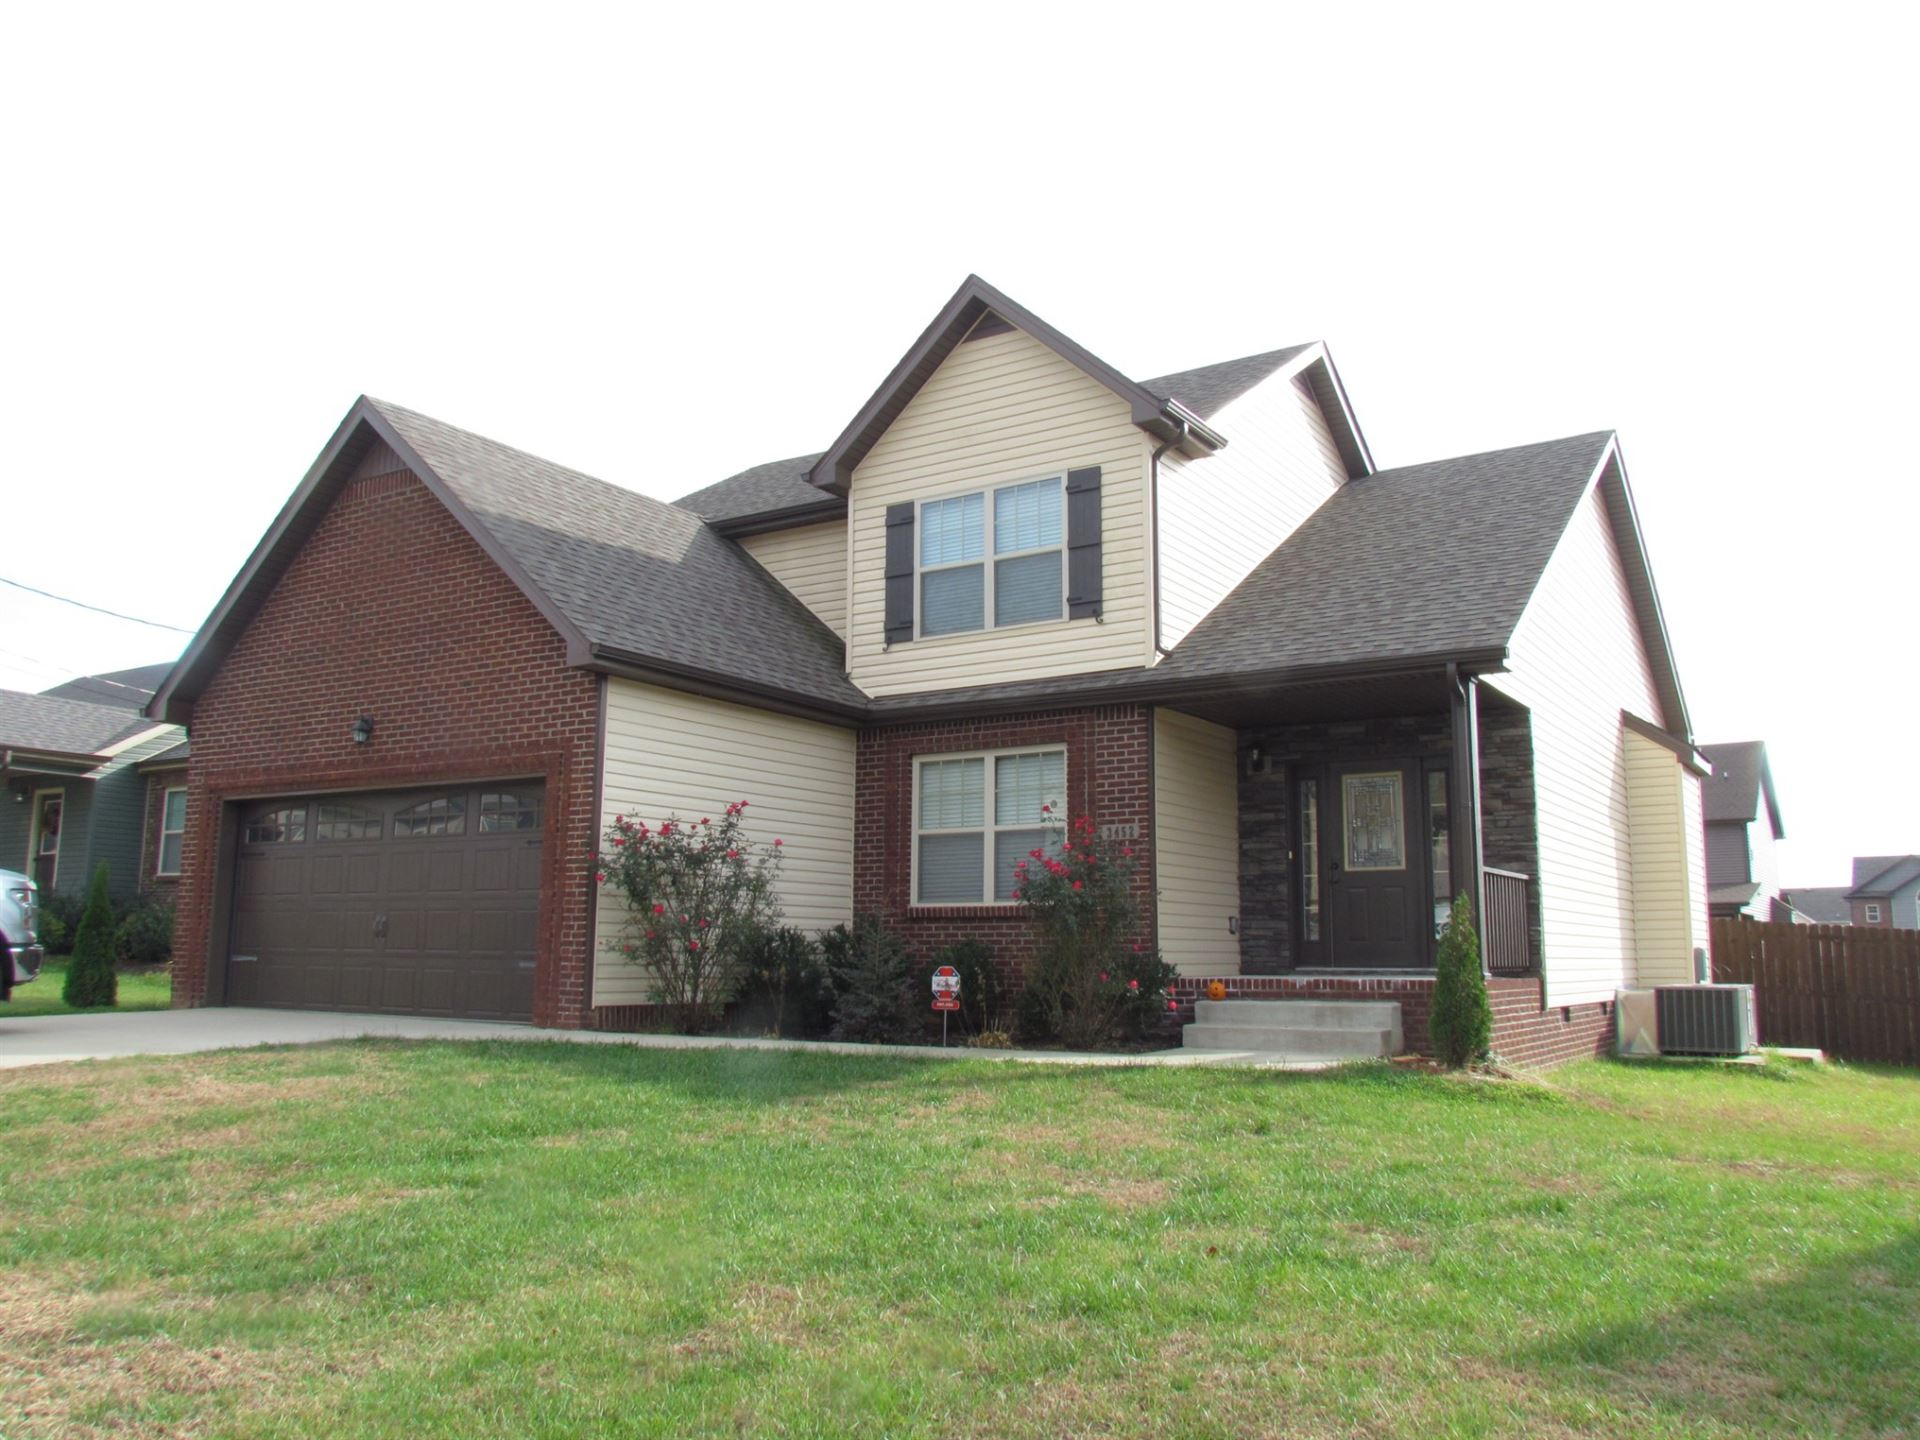 3452 Bradfield Dr, Clarksville, TN 37042 - MLS#: 2201974